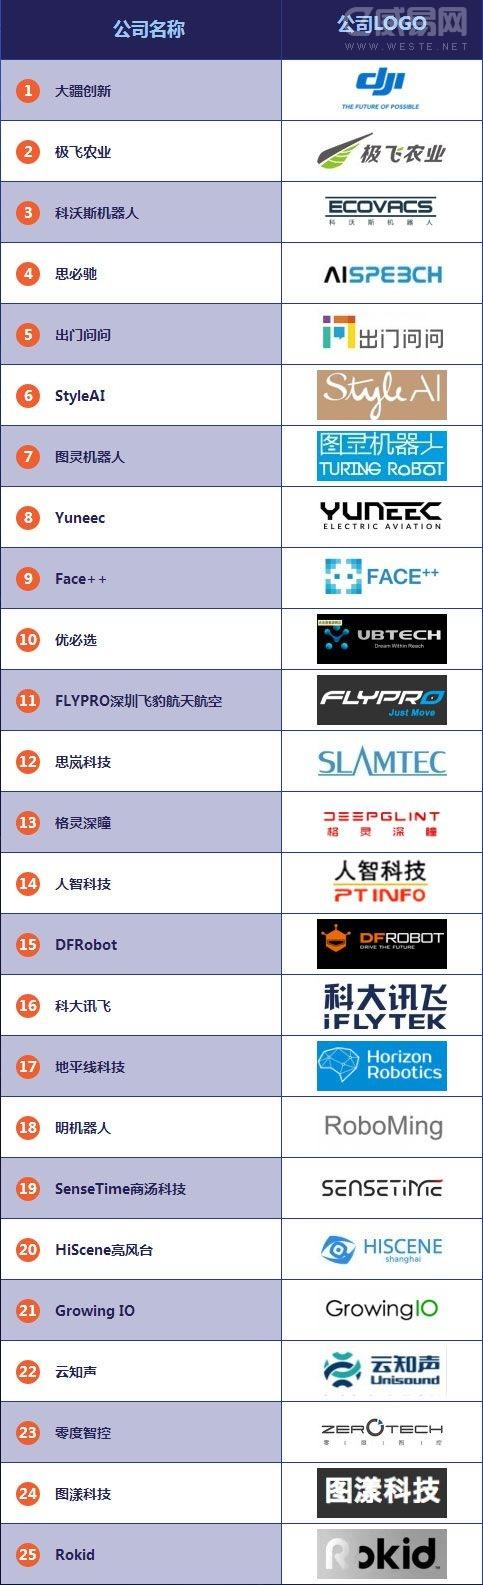 2015年度中国最佳智能硬件创业公司TOP100排行榜(全名单)